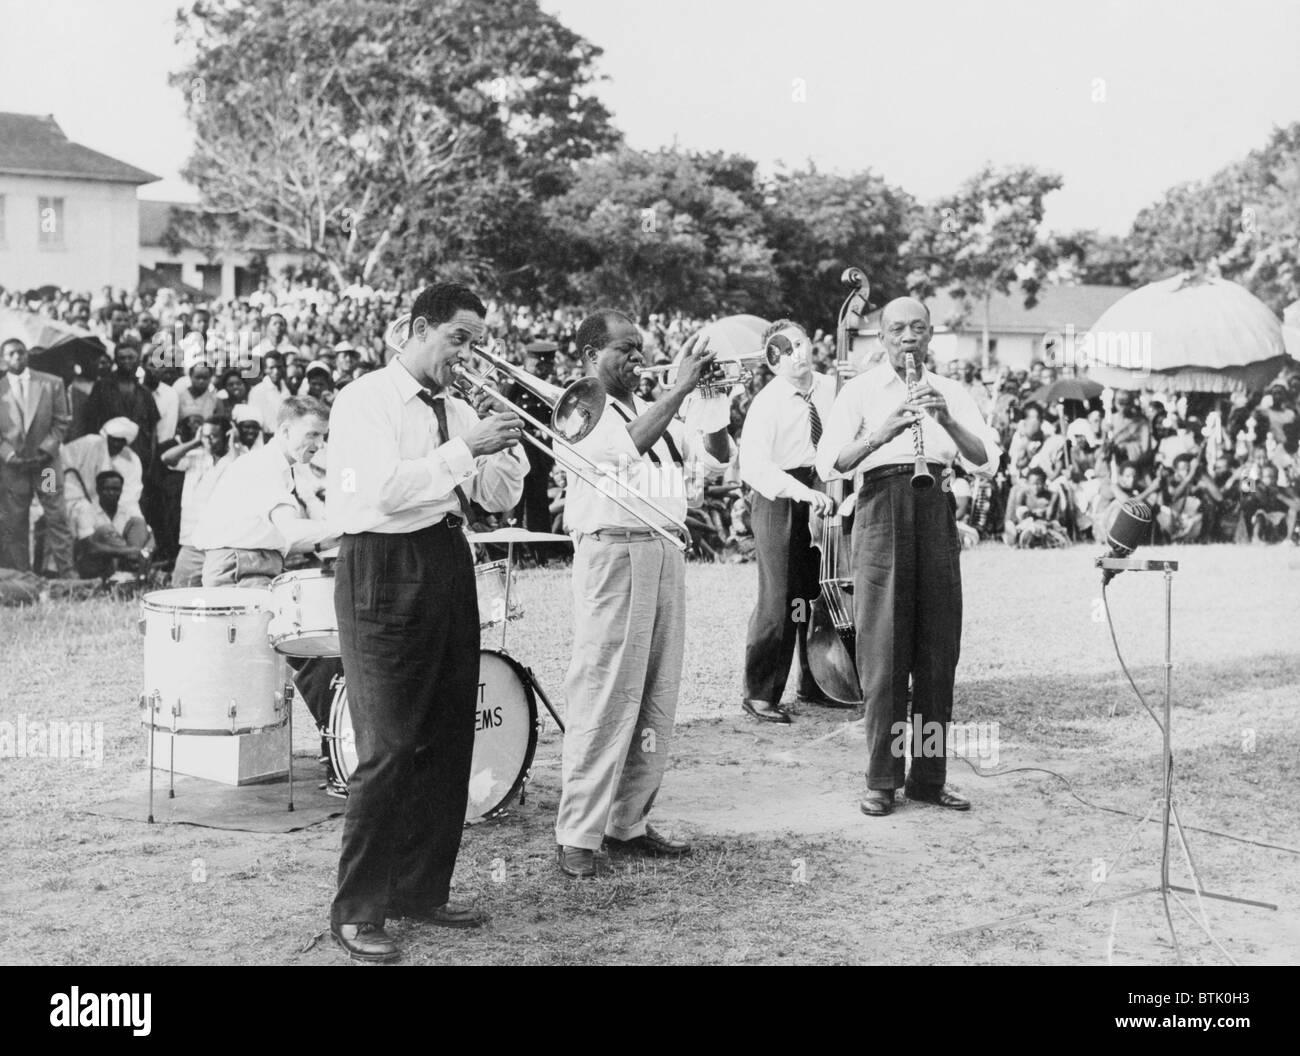 Louis Armstrong (1901-1971), African American musicista jazz, suonare la tromba con banda a un raduno per esterni in Africa, 1956. Foto Stock